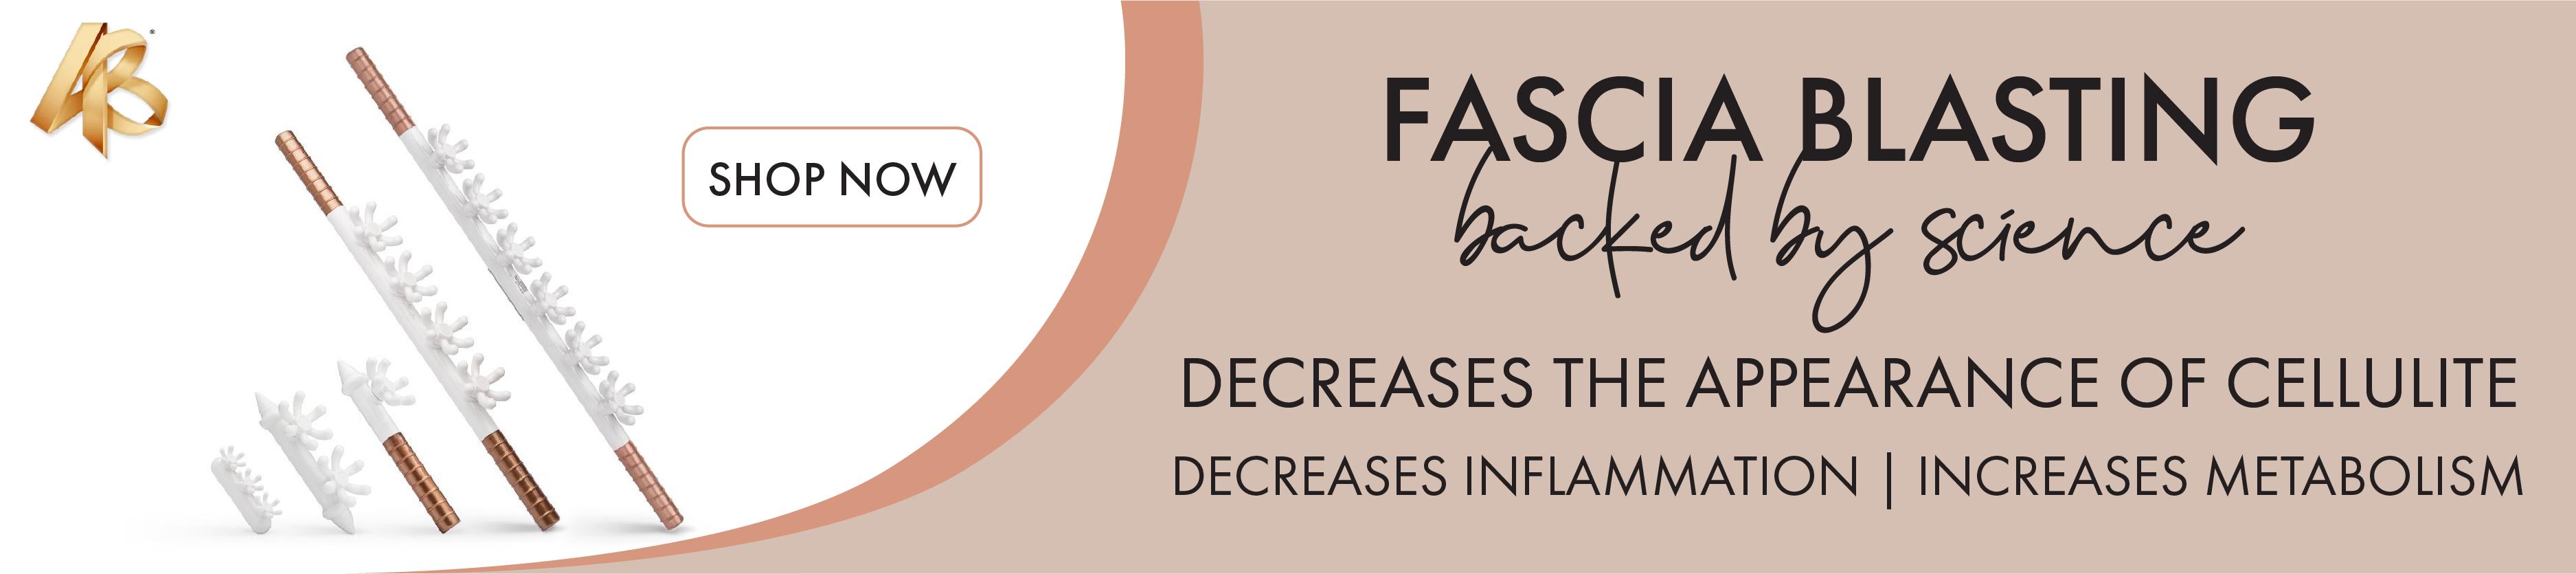 fascia-blasting